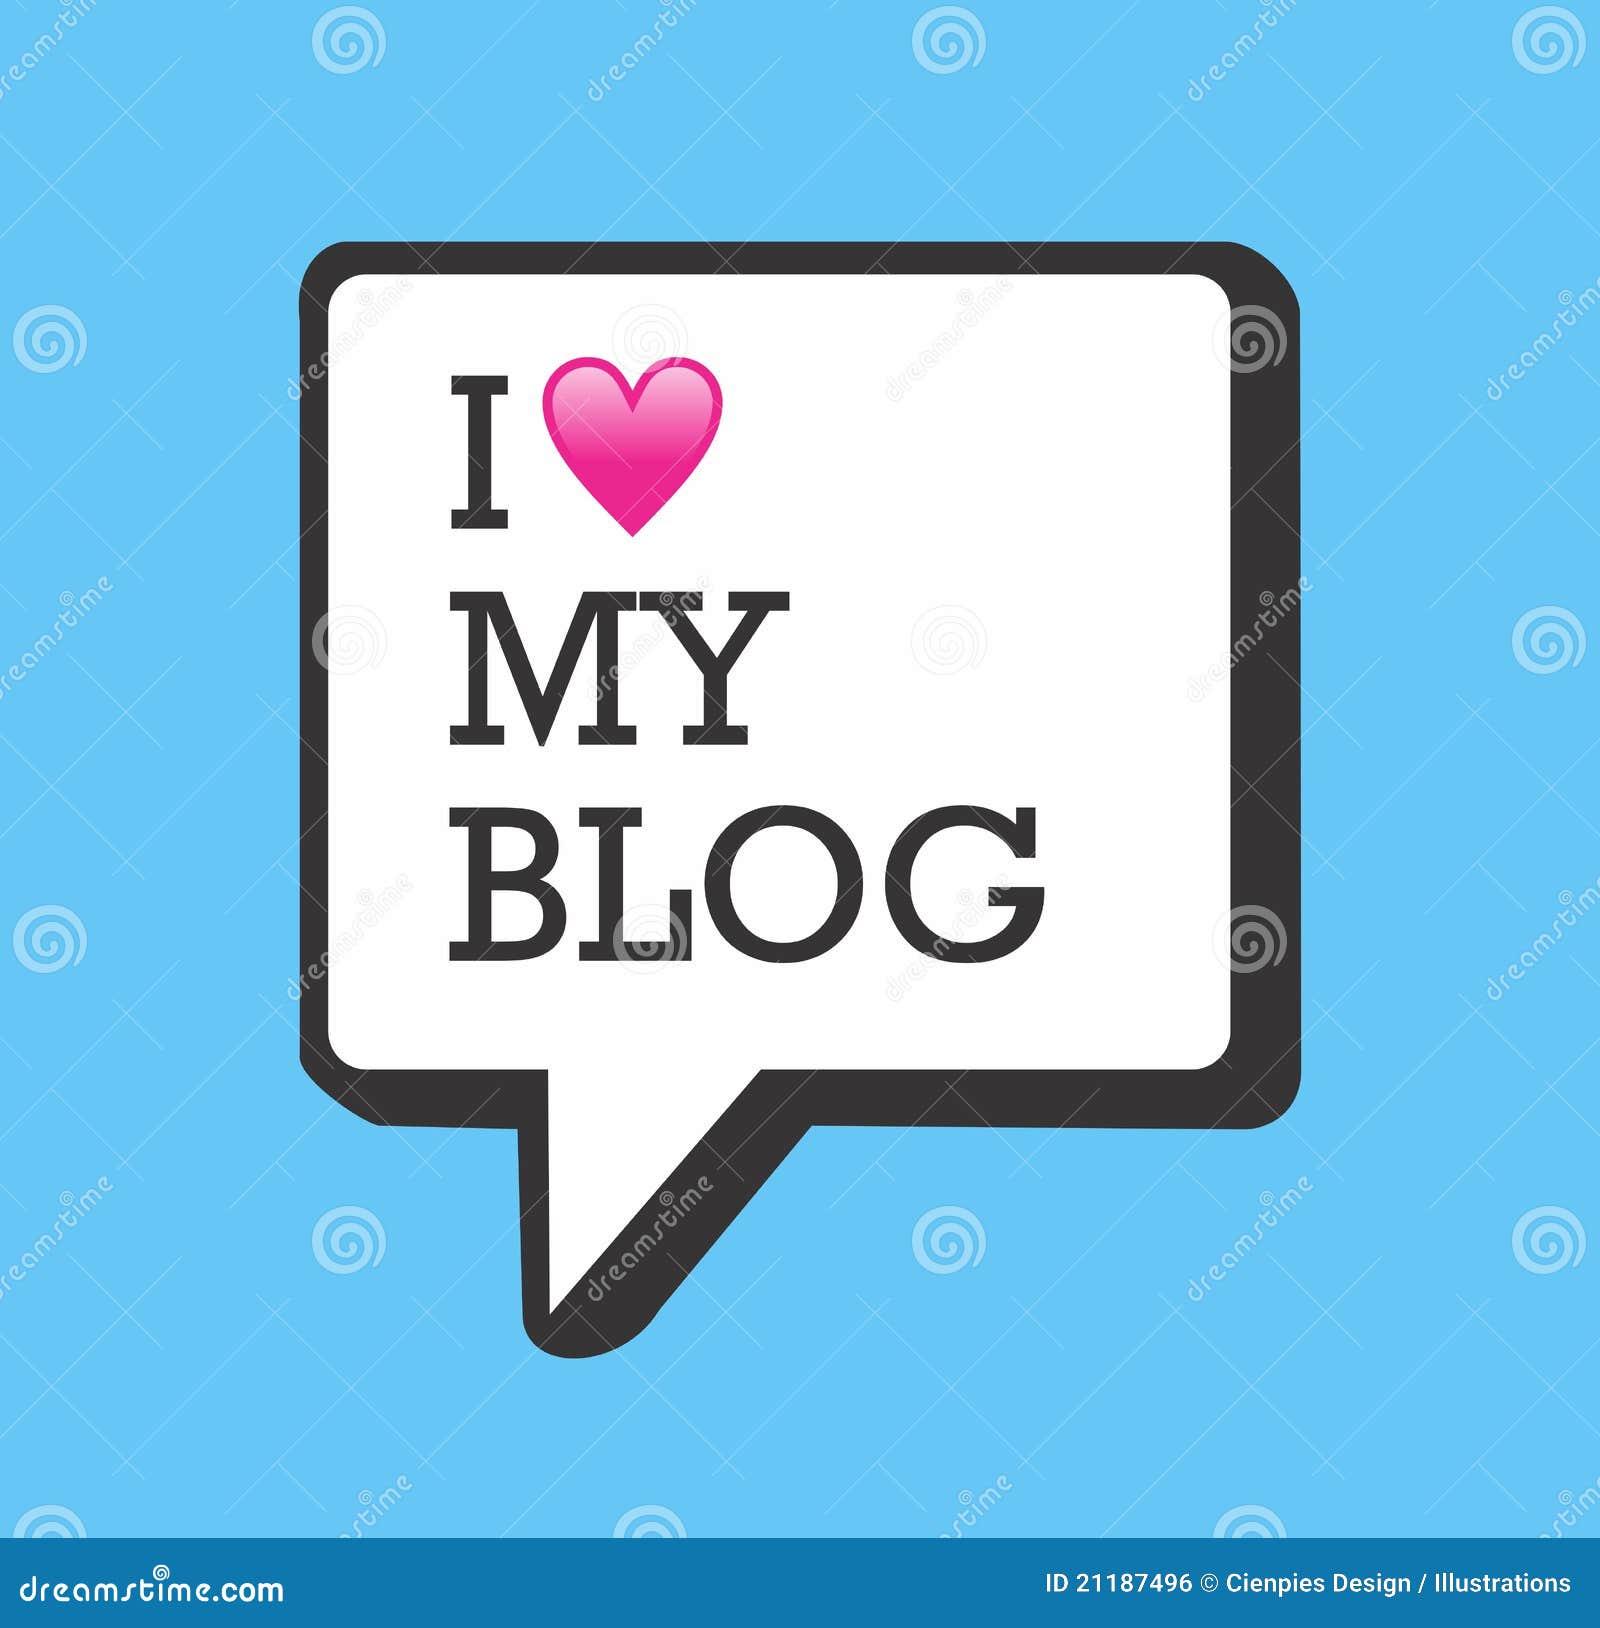 I love my blog bubble